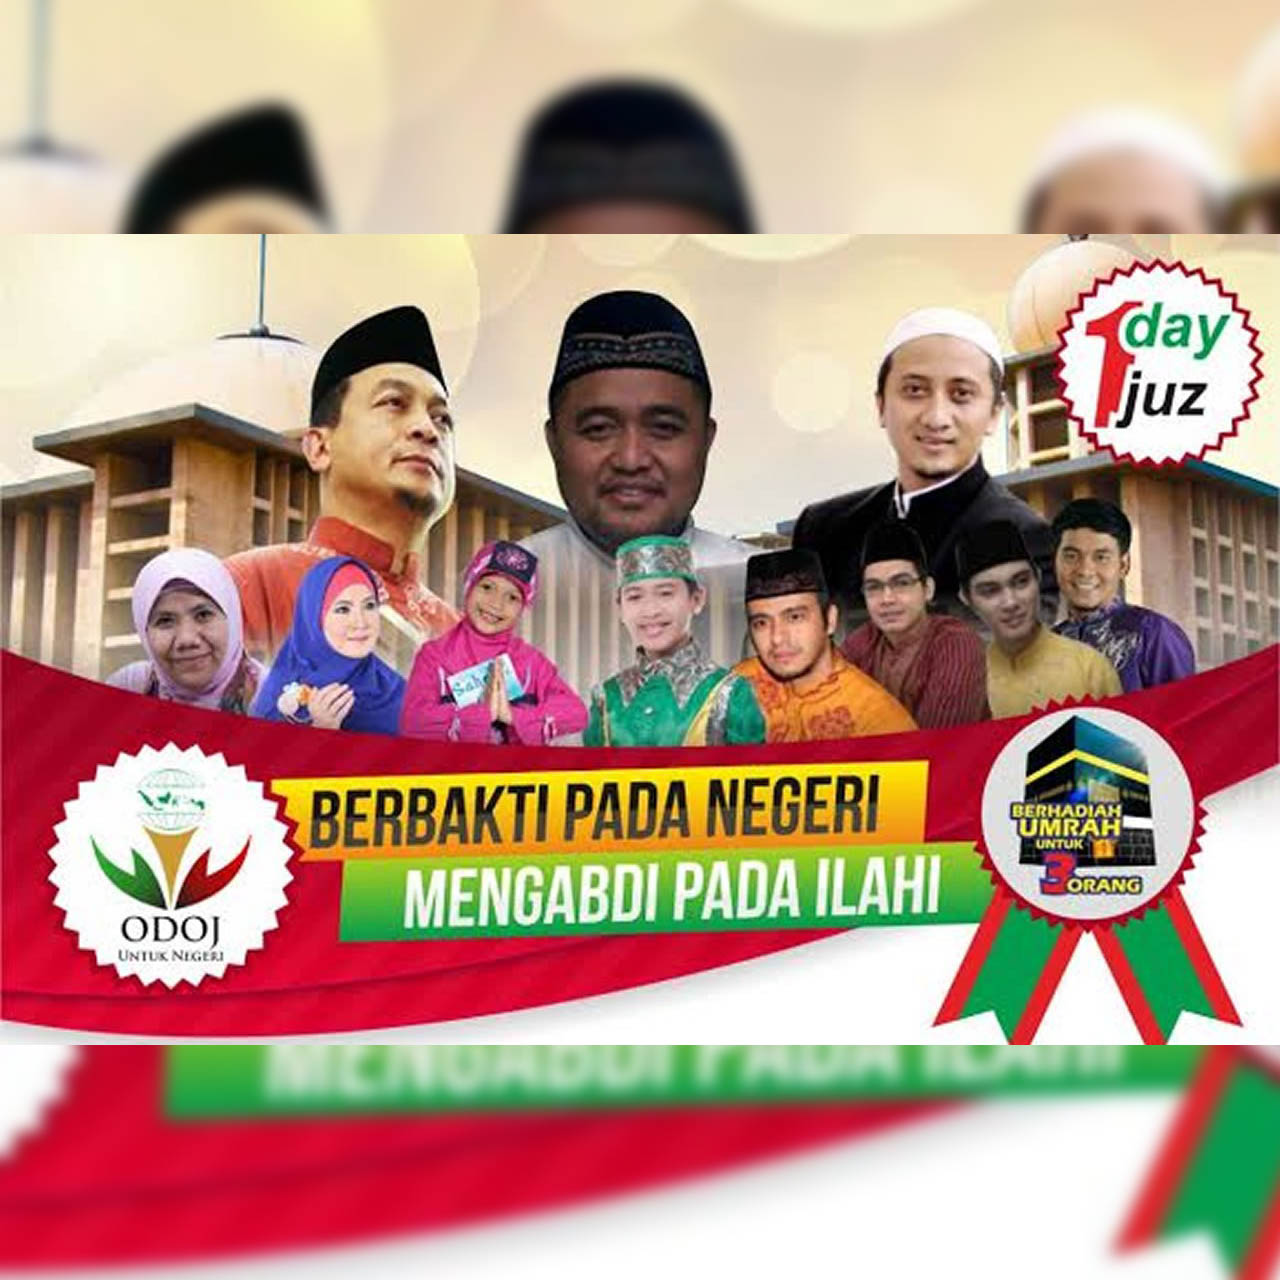 Masjid Istiqlal, ODOJ, one day one juz, ODOJ untuk negeri, OUN, Tilawah Quran, Wirda Mansur, Hamas Syahid Izzudin, Damai Indonesiaku Istiqlal, tilawah quran